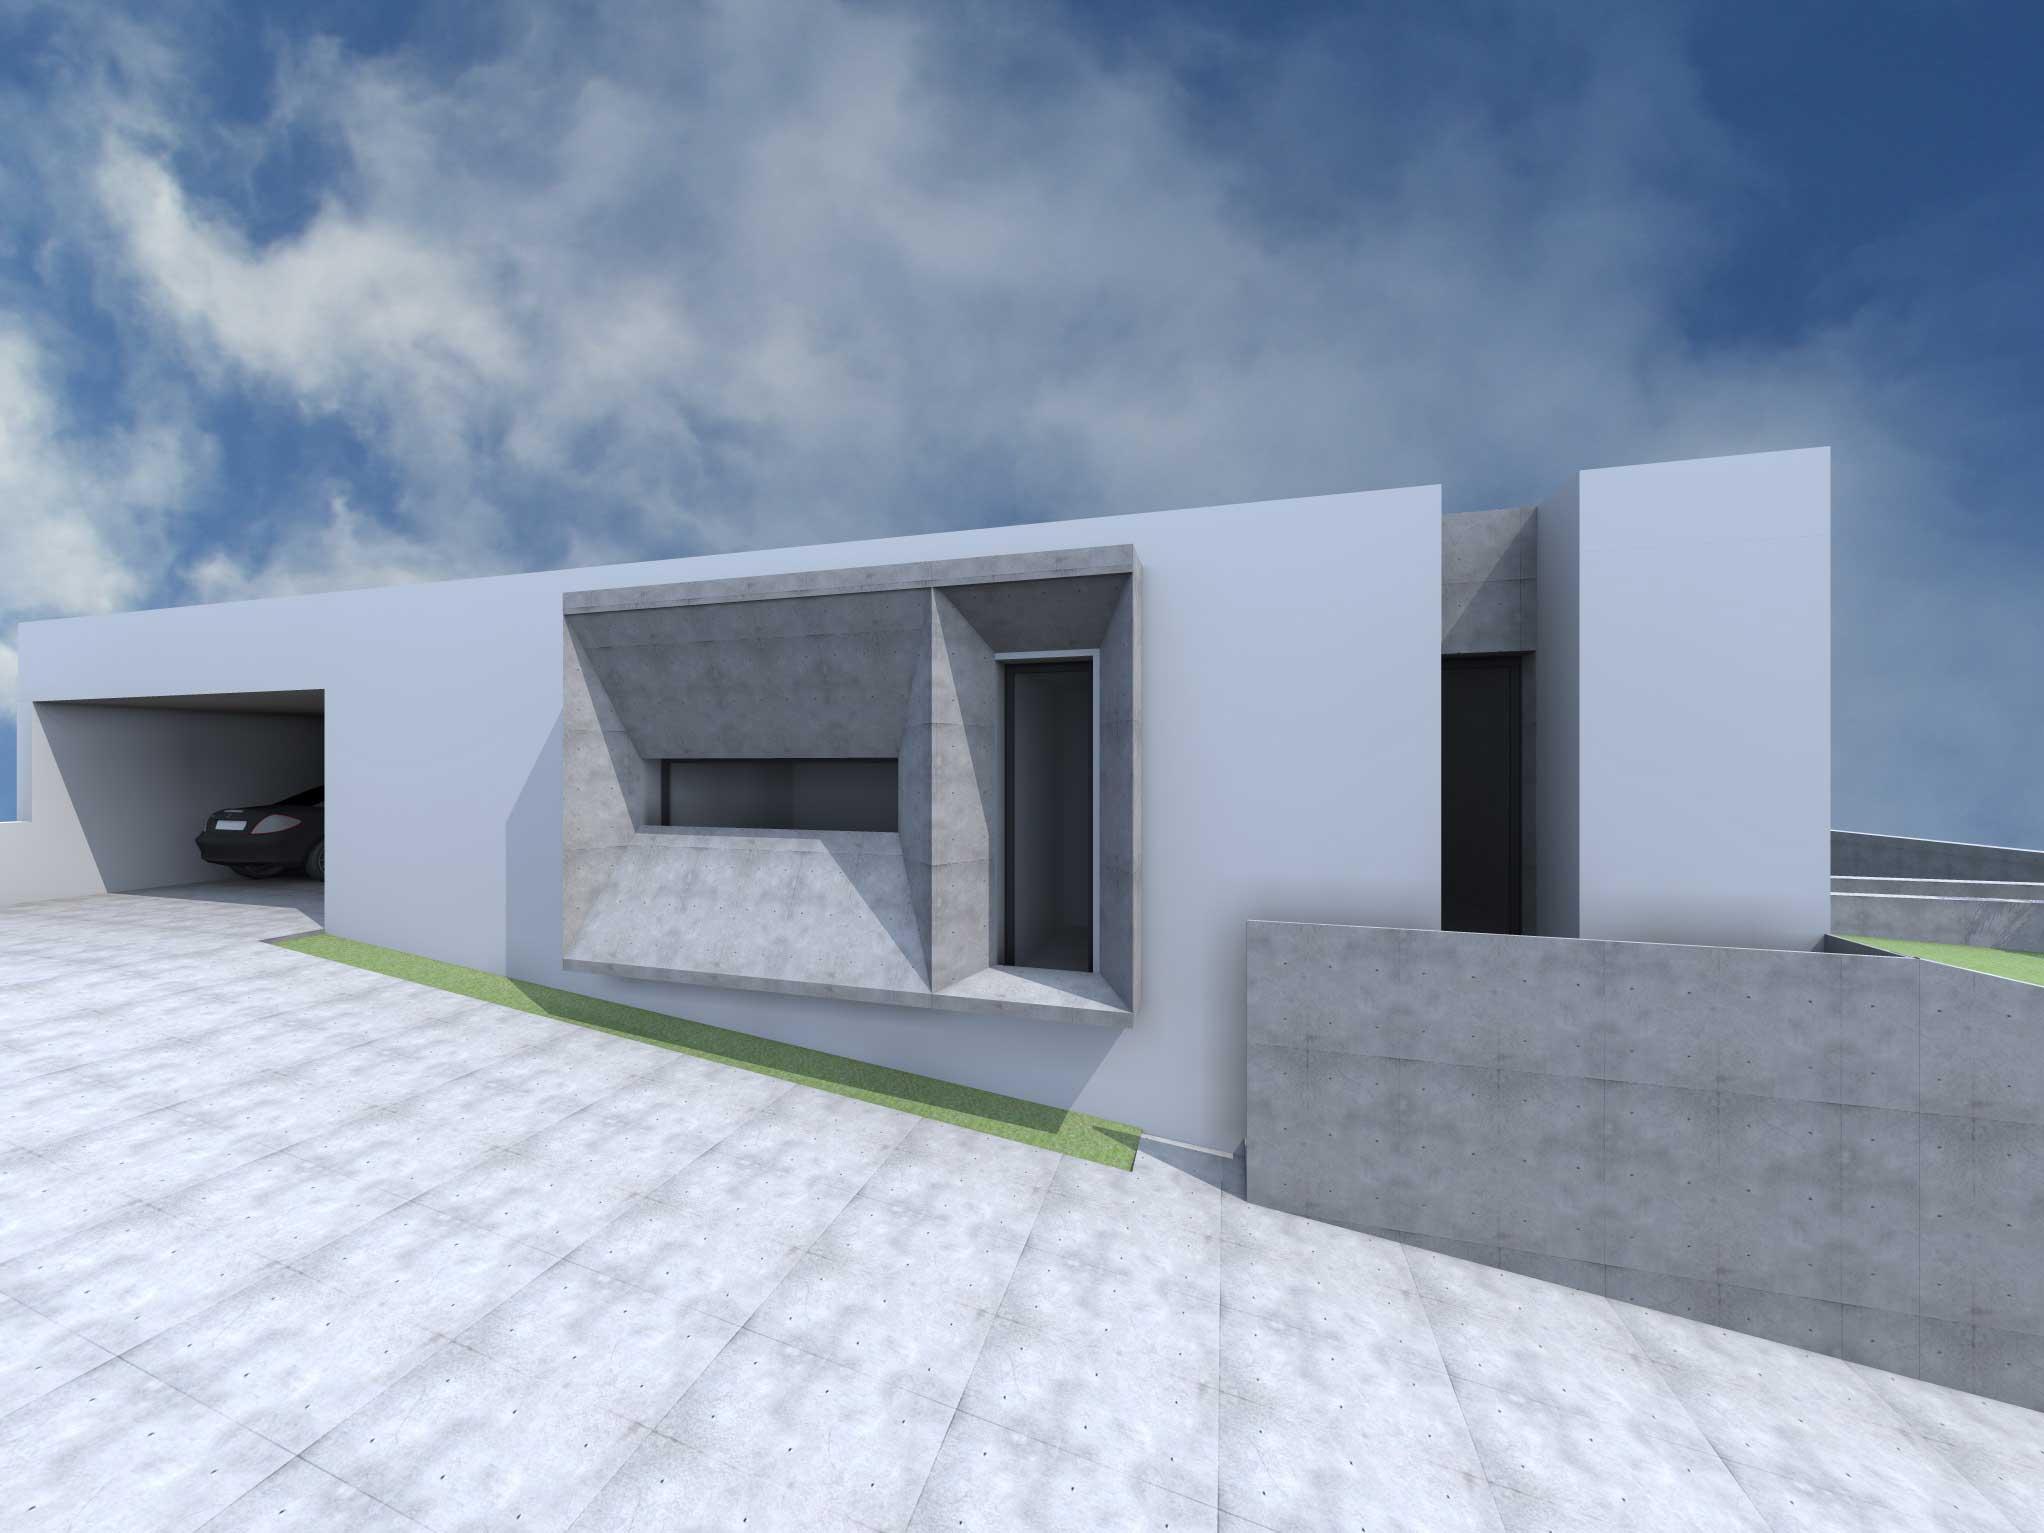 Moradia-VVRP-render4